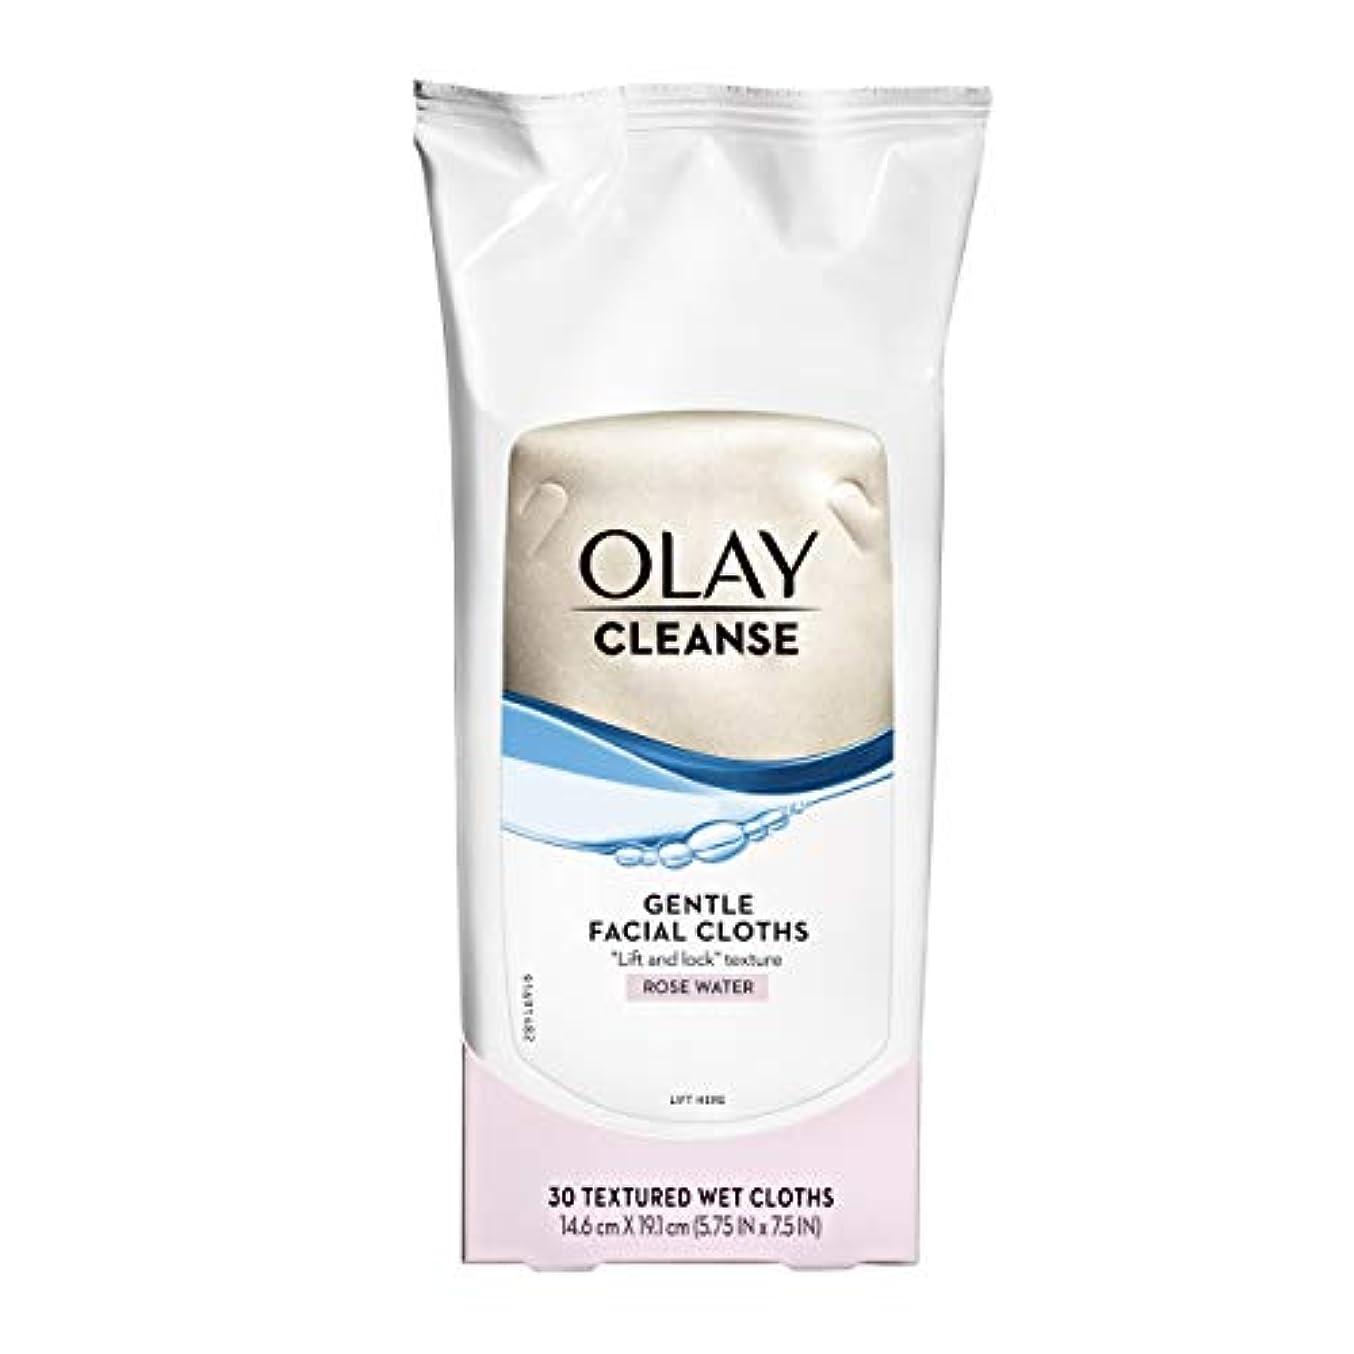 朝の体操をするまたねスモッグOlay Normal Wet Cleansing Cloths 30 Count (Pack of 3) (並行輸入品)